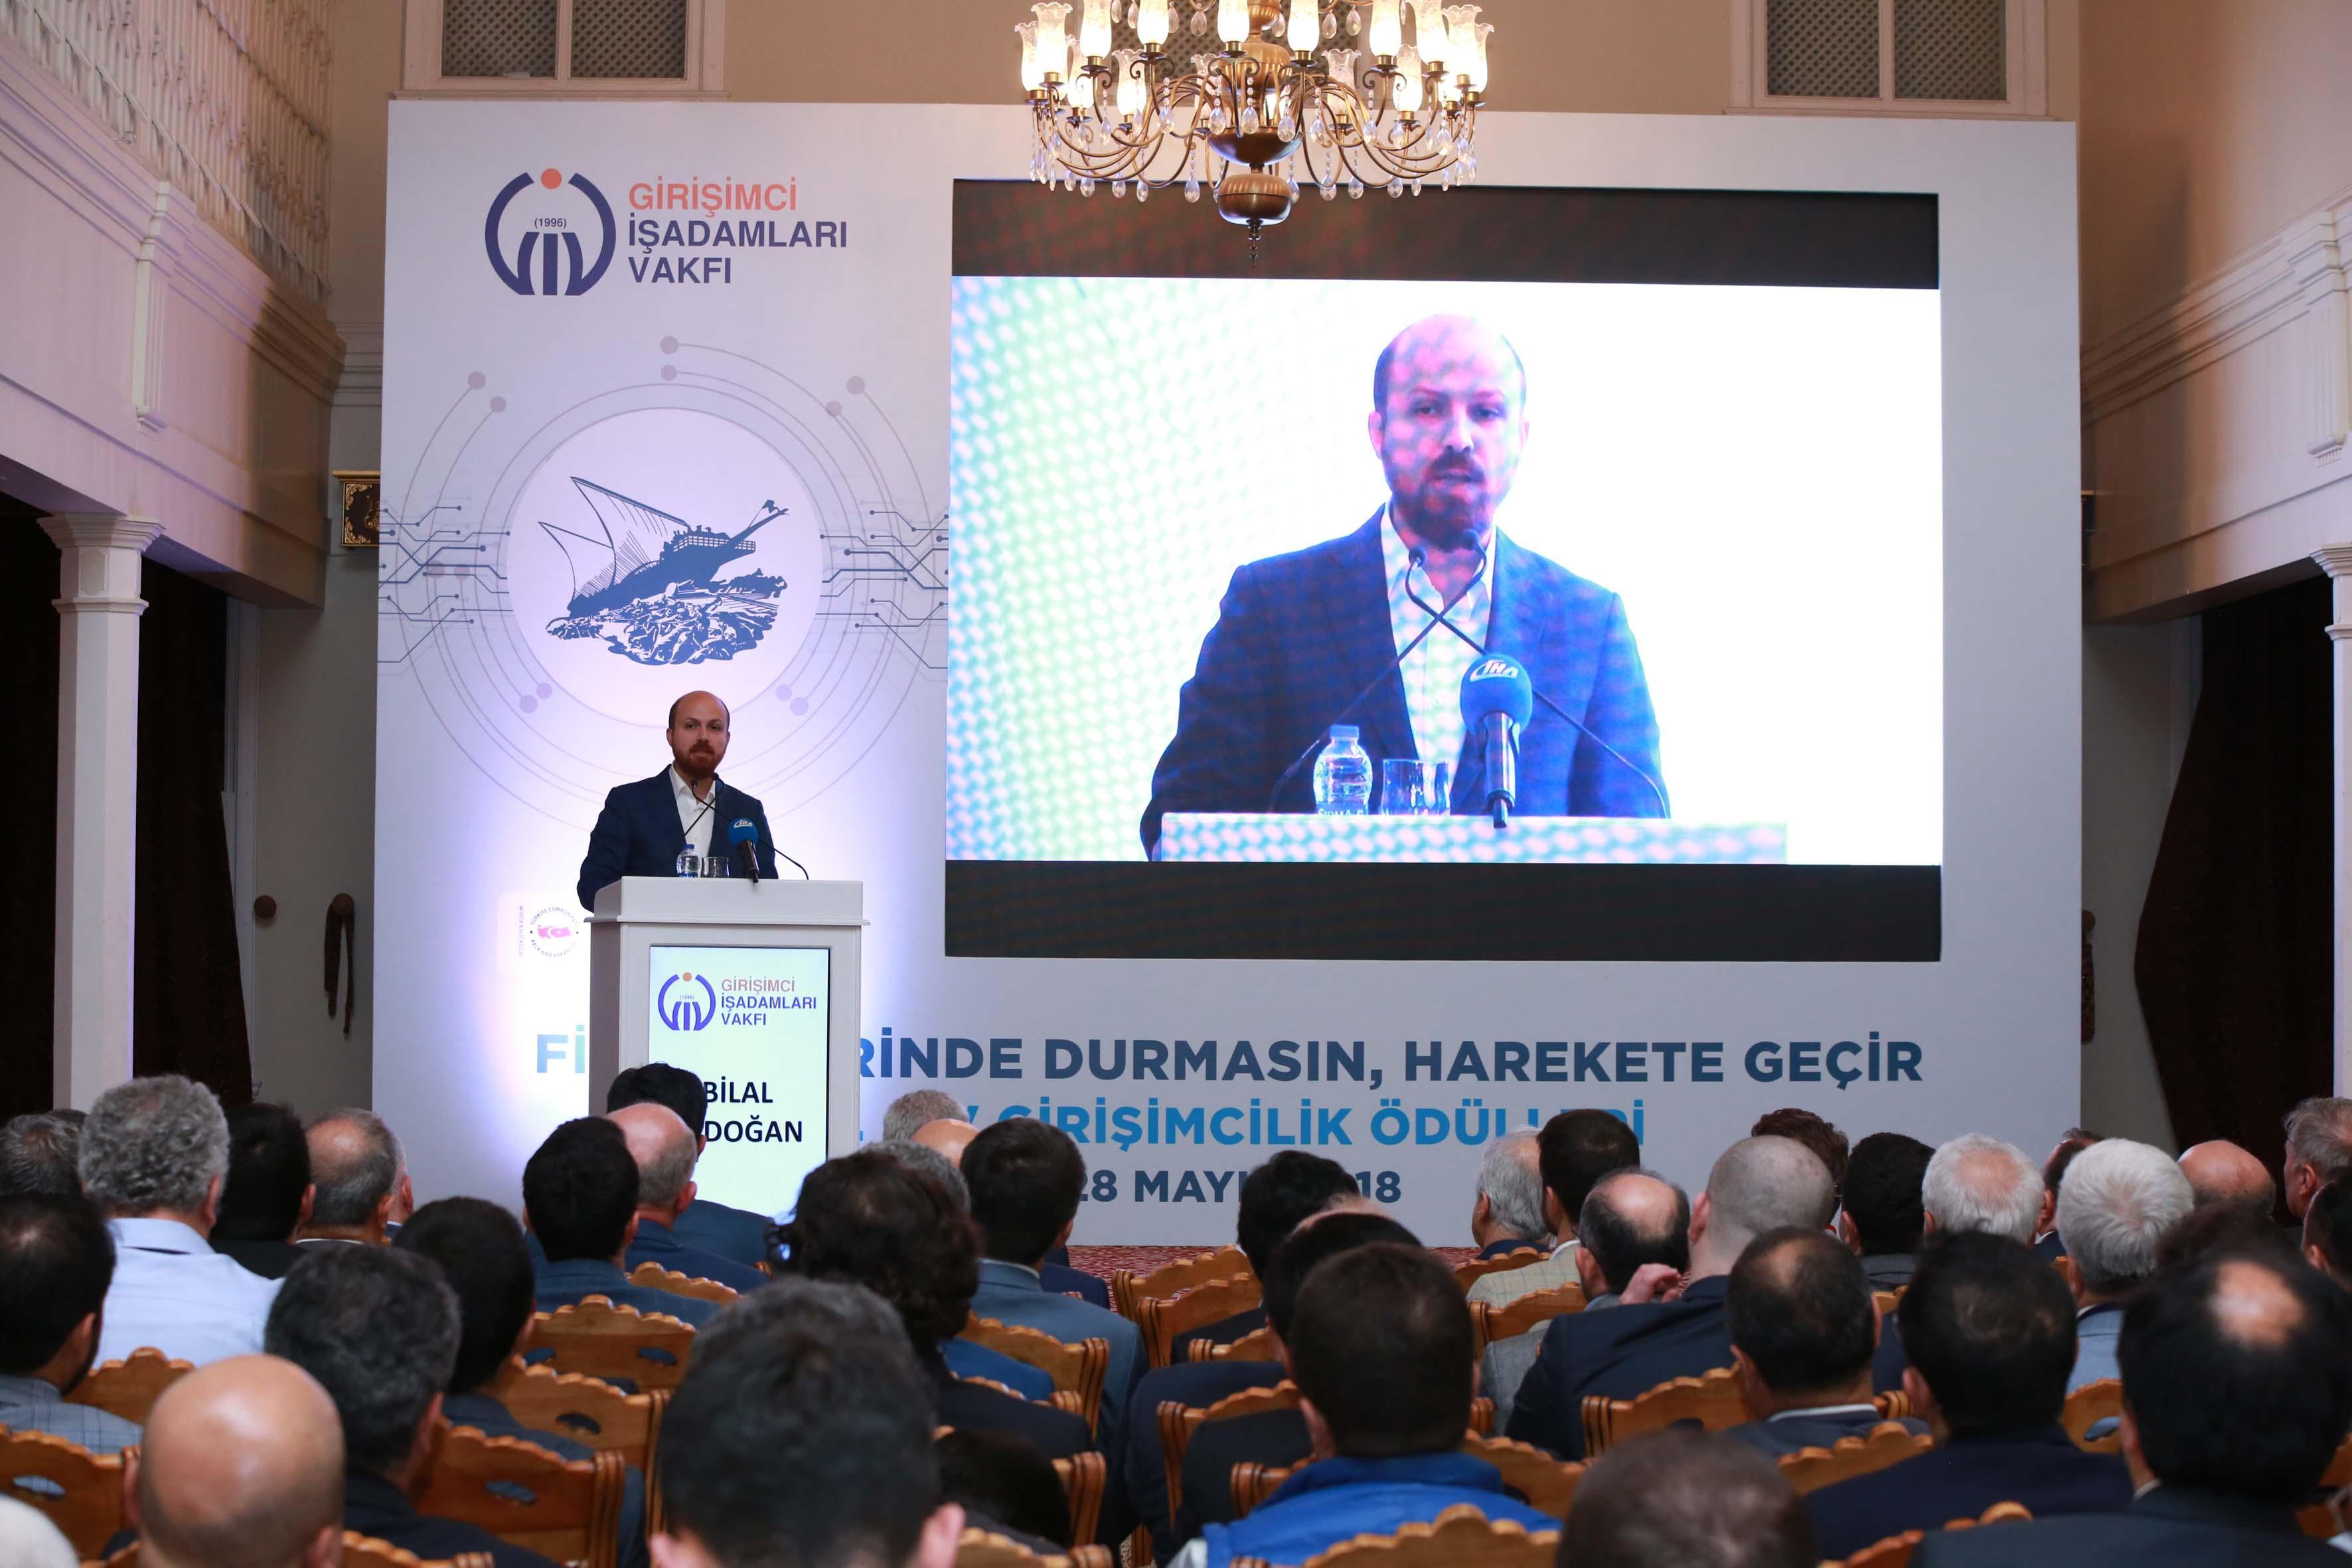 GİV 6. Girişimcilik Ödüller Bilal Erdoğan Konuşması